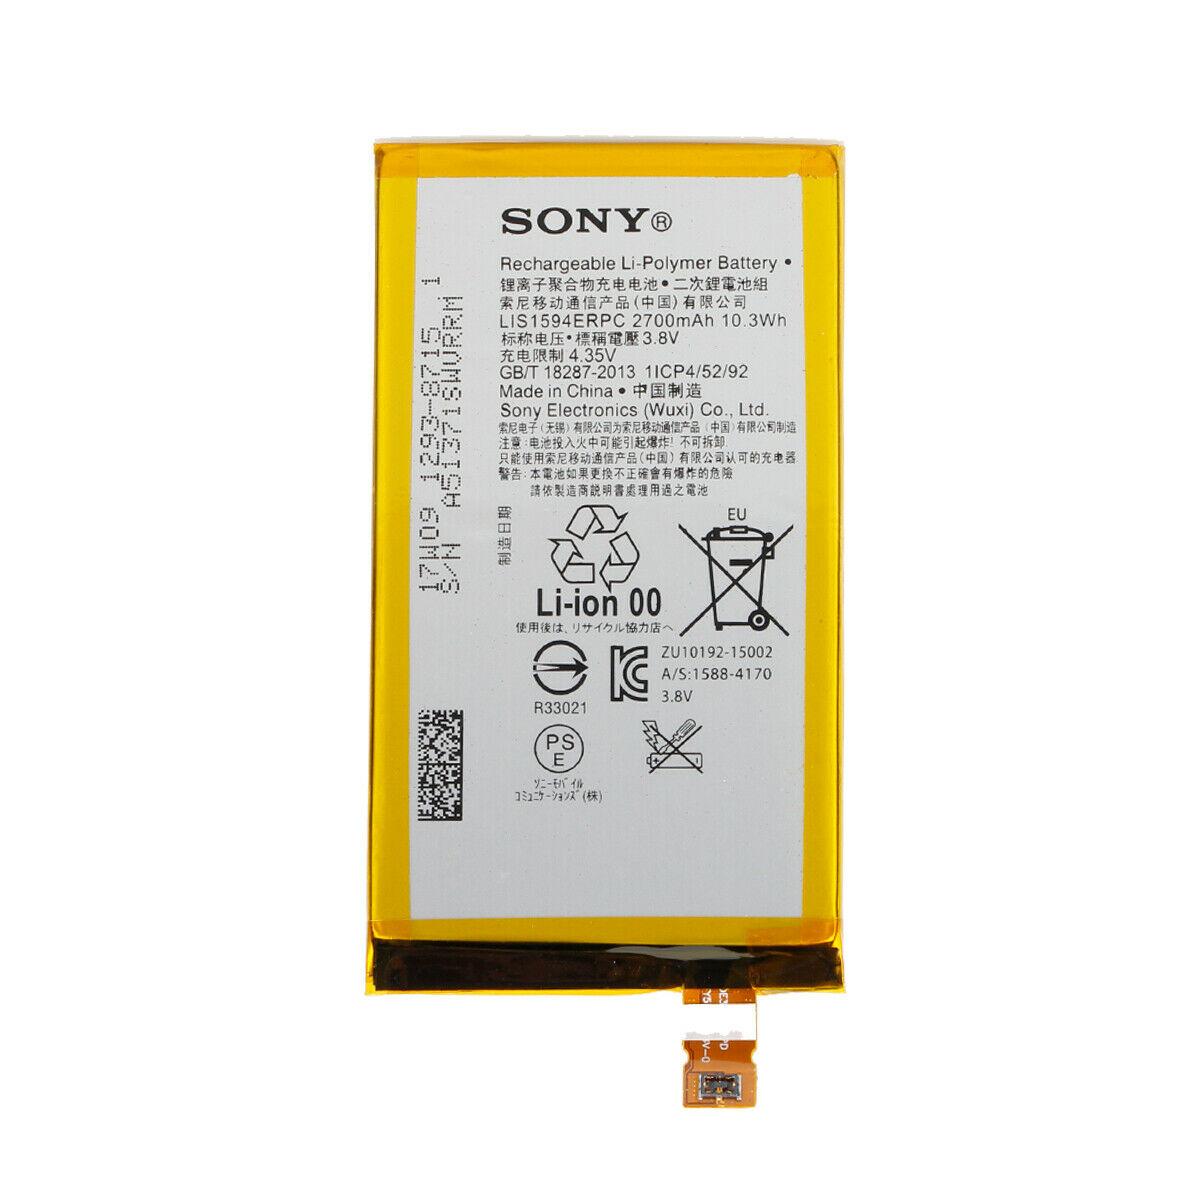 باتری-گوشی-موبایل-سونی-اکسپریا-زد-فایو-کامپکت-Sony-Xperia-Z5-Compact-E5803-2700mAh-LIS1594ERPC.jpg